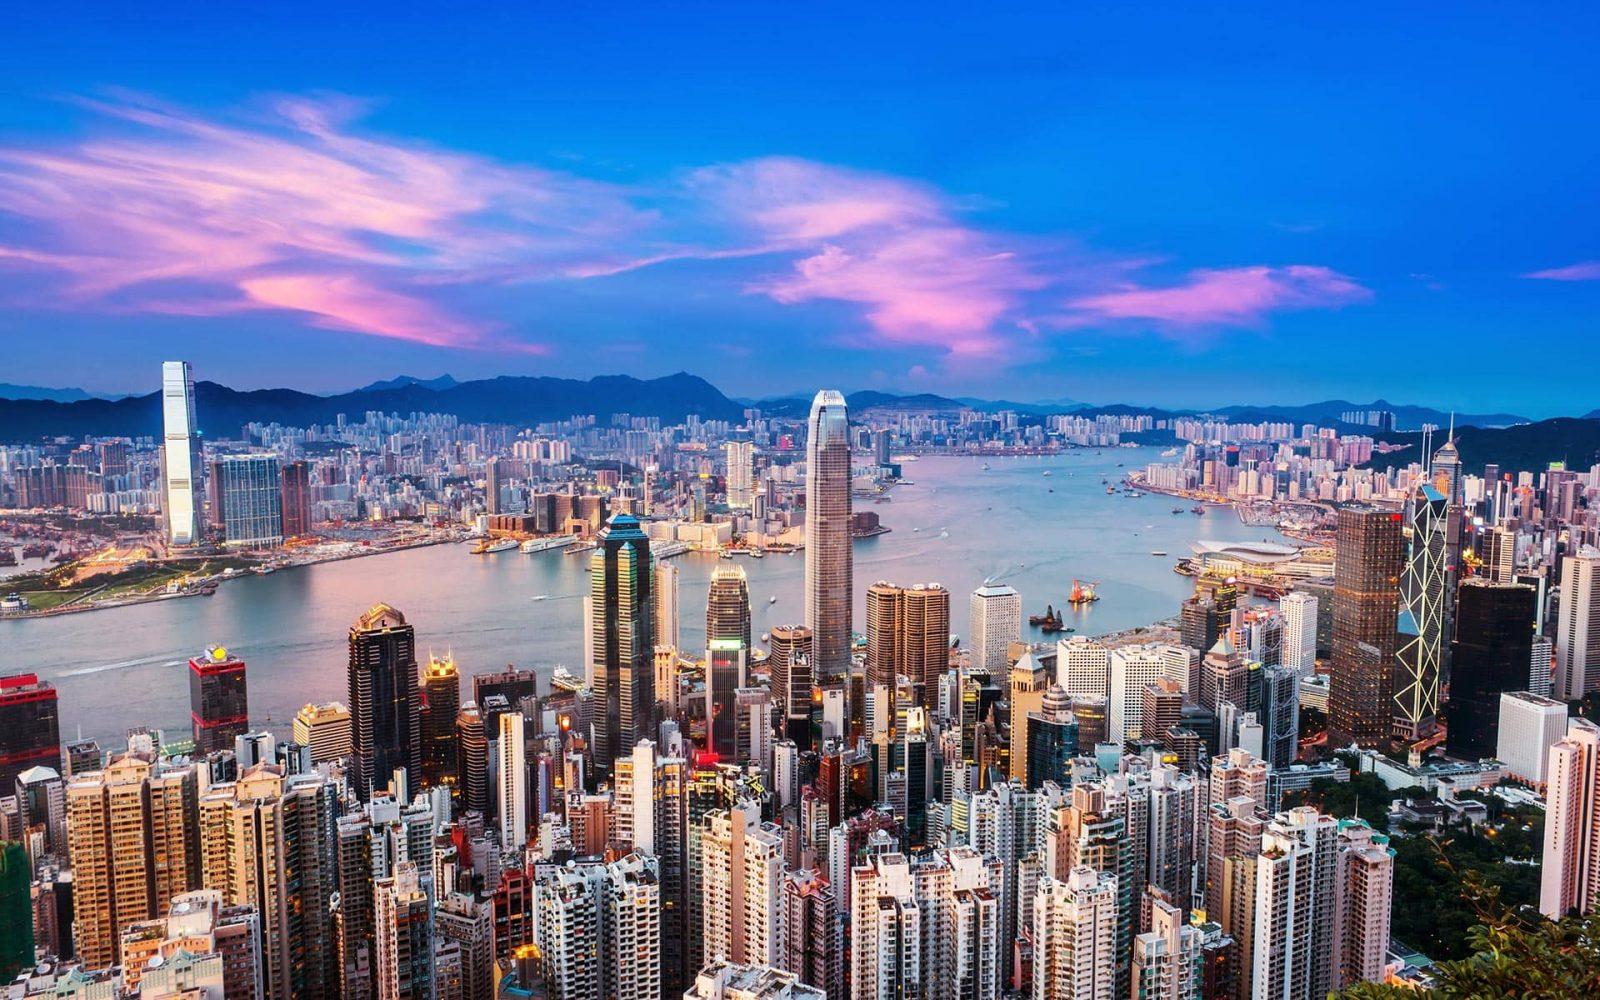 أجمل المدن السياحية - هونج كونج في الصين